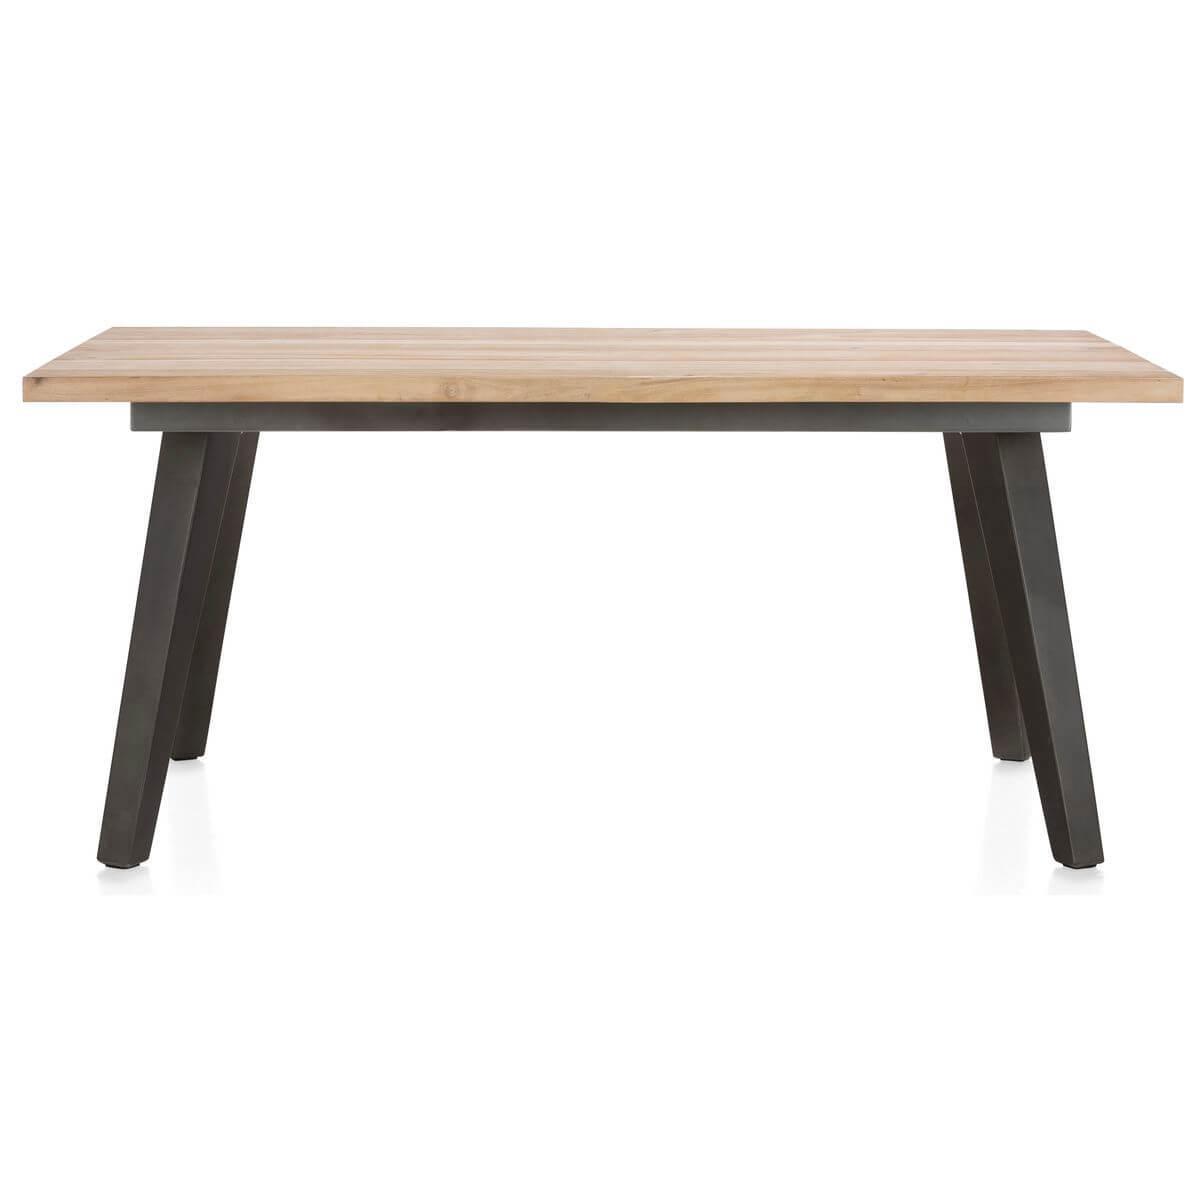 Table 100x190cm KINNA Xooon